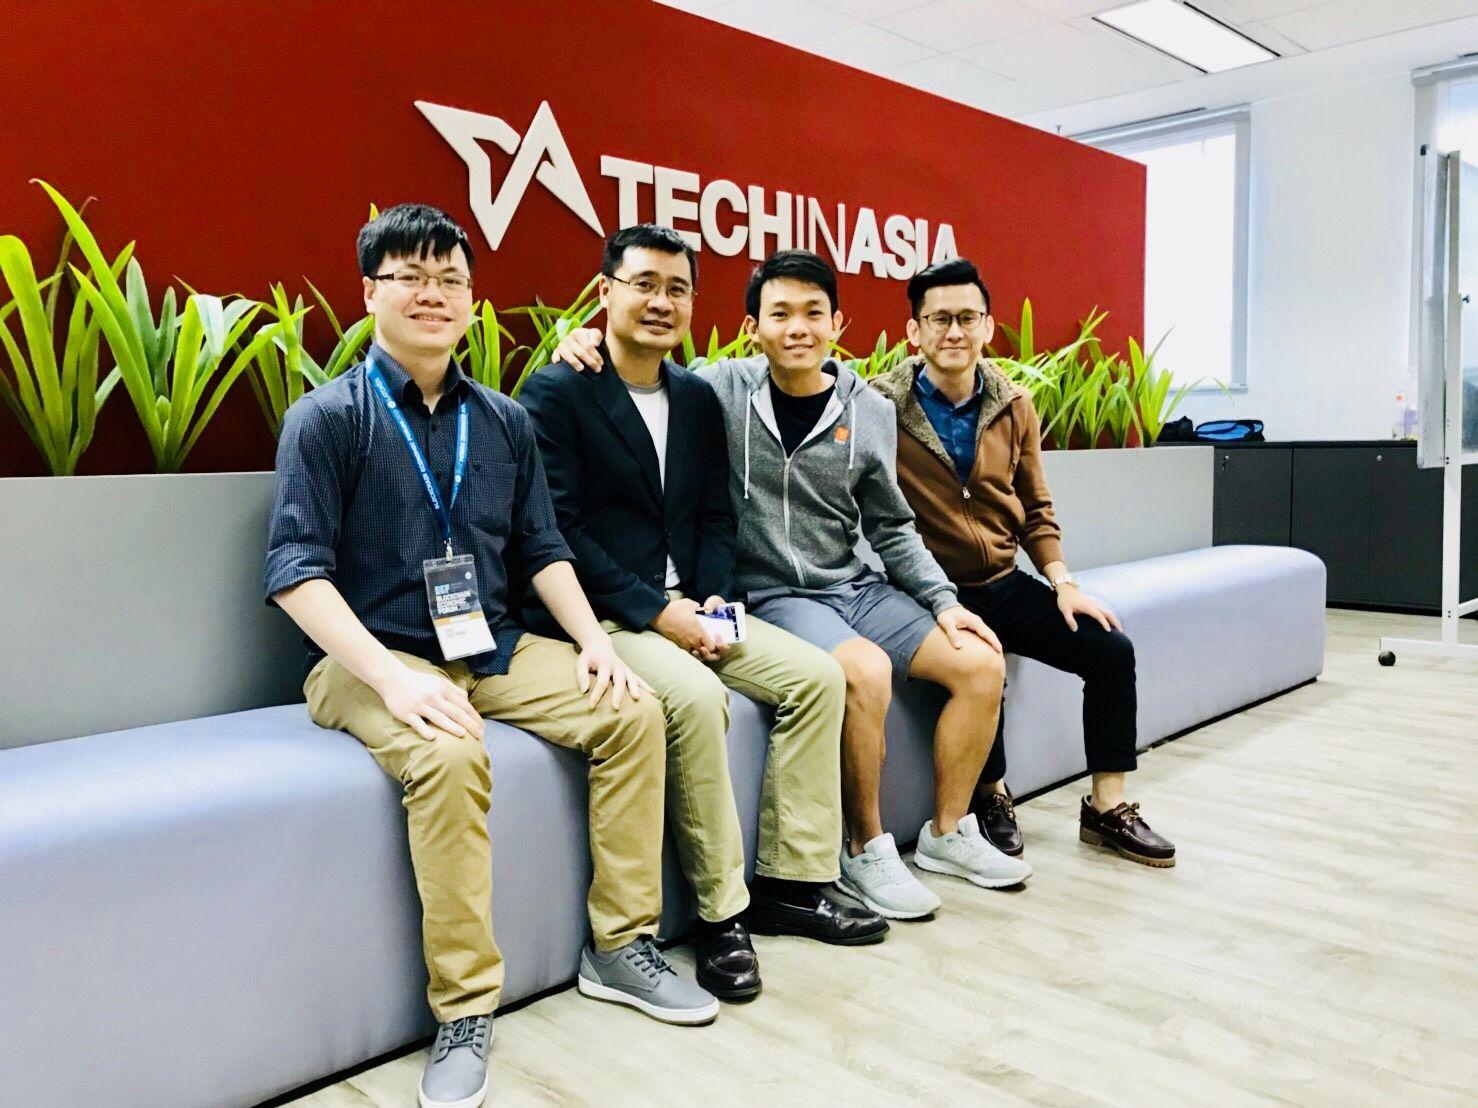 https://cdn.techinasia.com/wp-content/uploads/2018/03/Tomochain-Tech-in-Asia.jpg